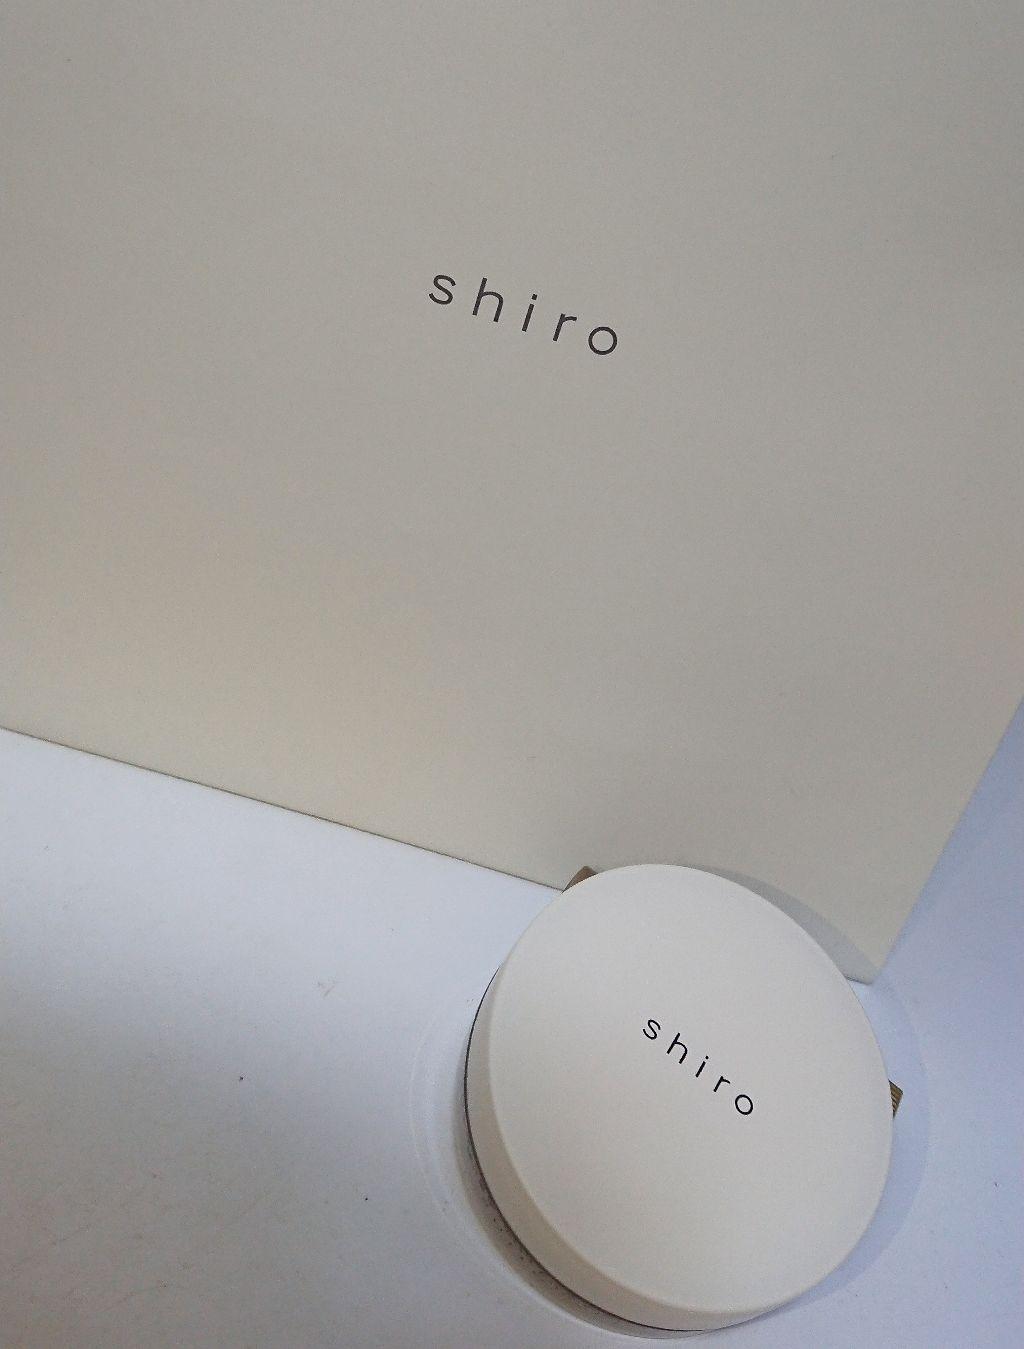 shiro (シロ) shiro 練り香水